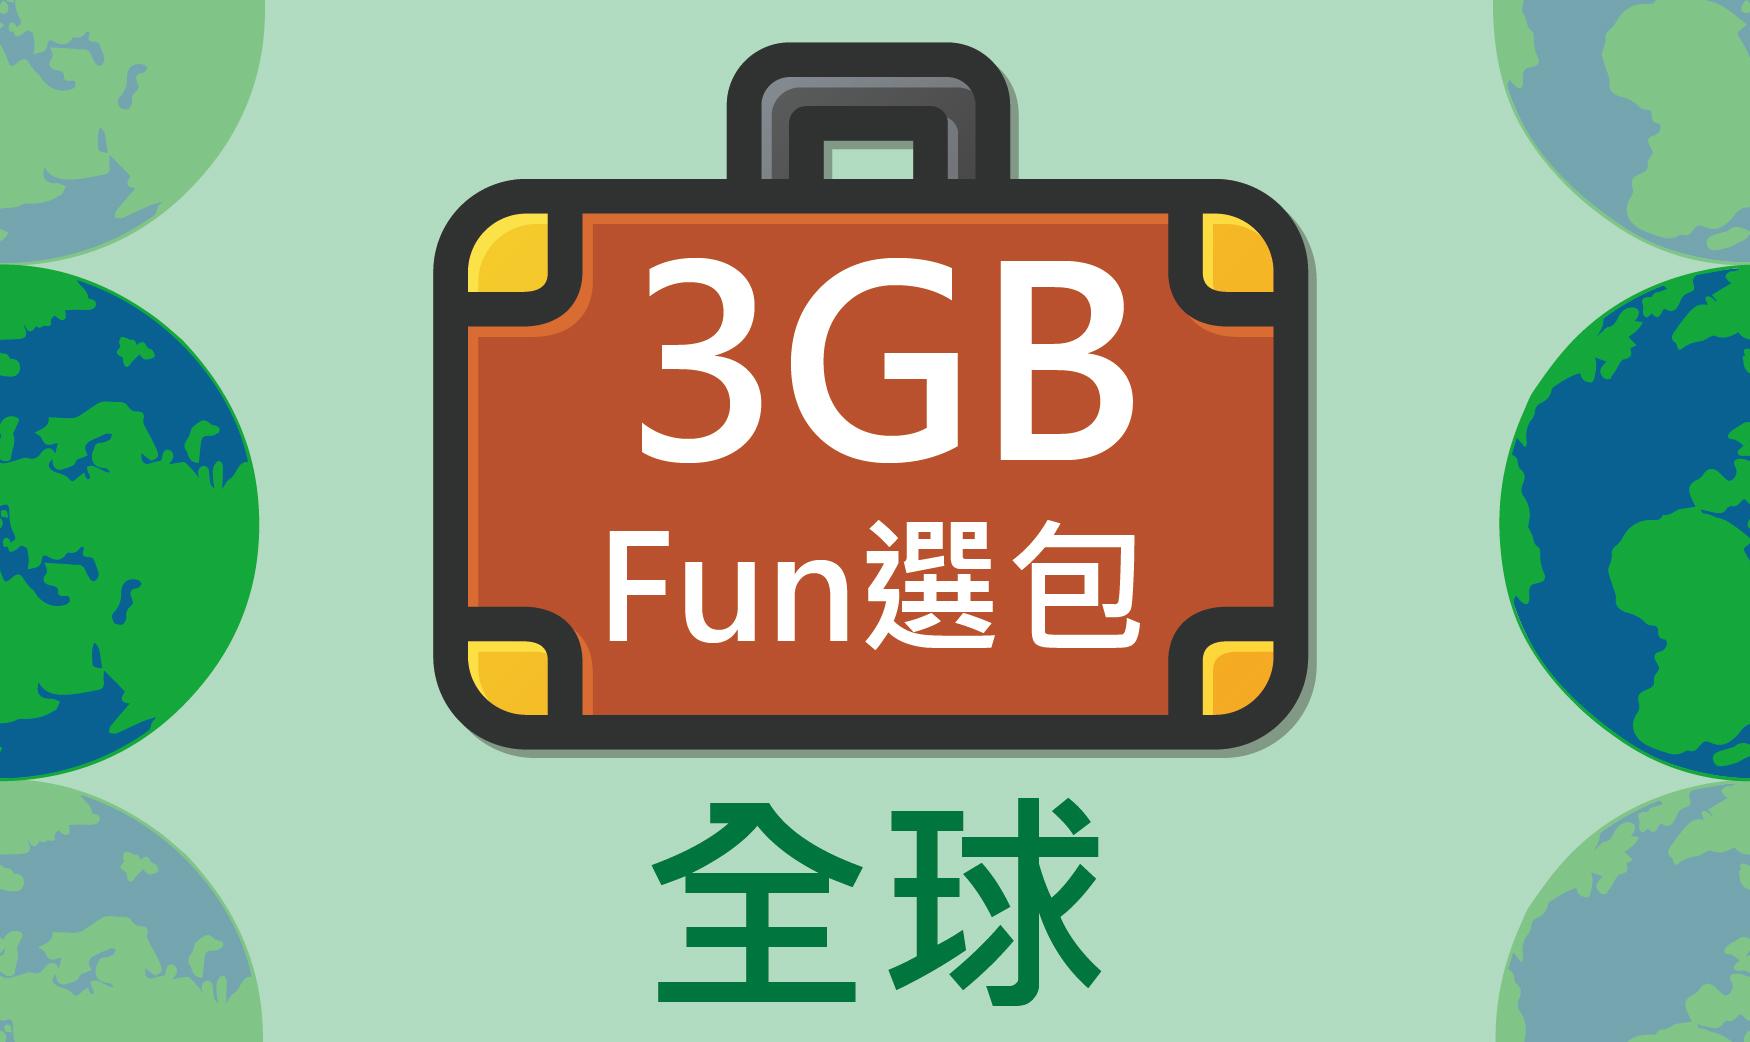 Fun選包全球-3G